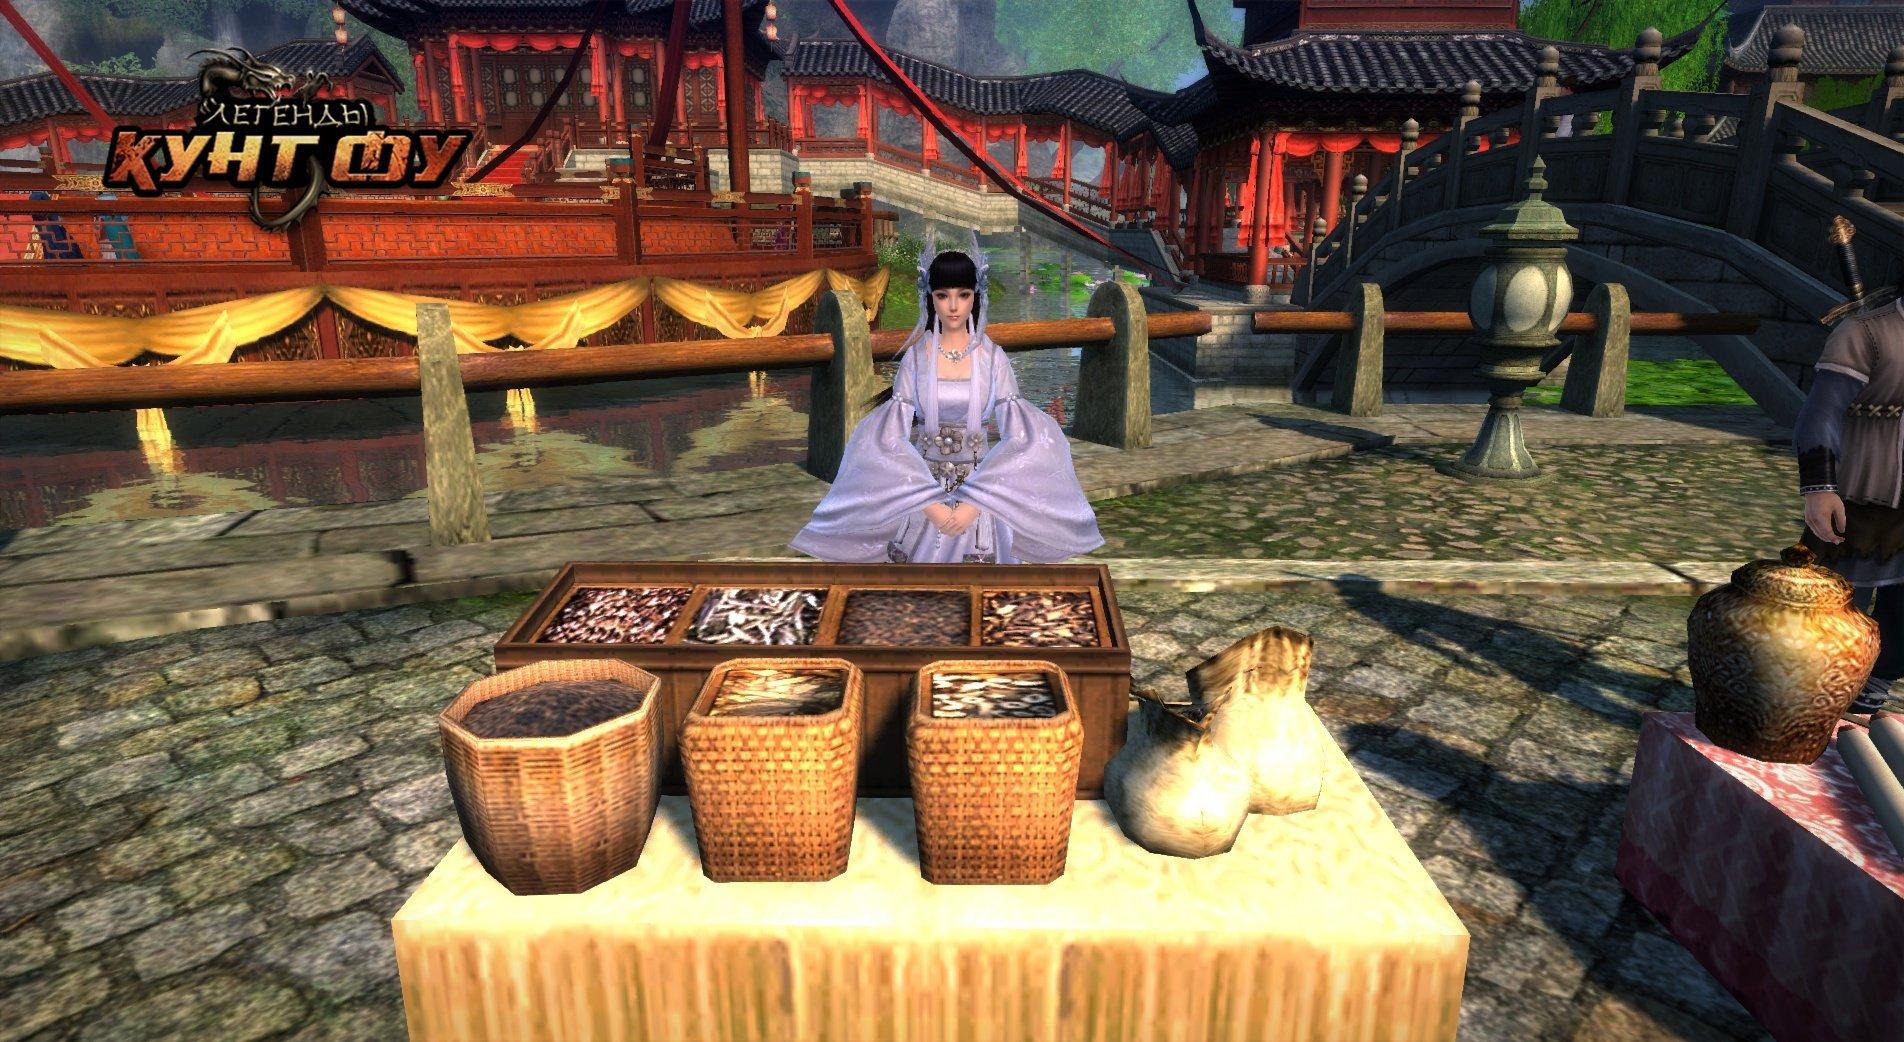 Легенды Кунг Фу: Предостережение о мошенниках. - Изображение 2